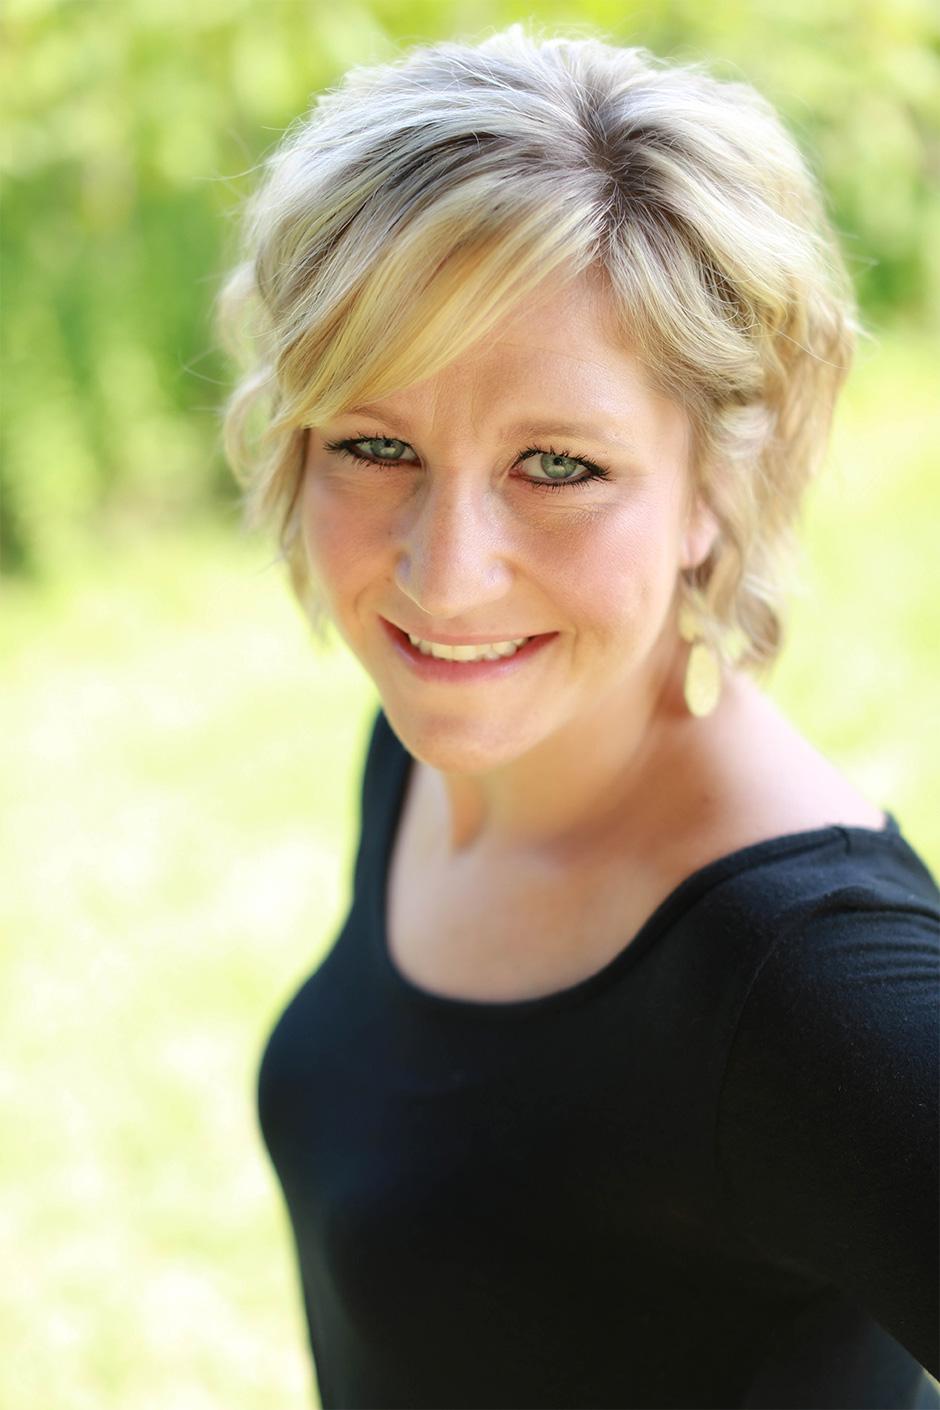 Jennifer Travaglini